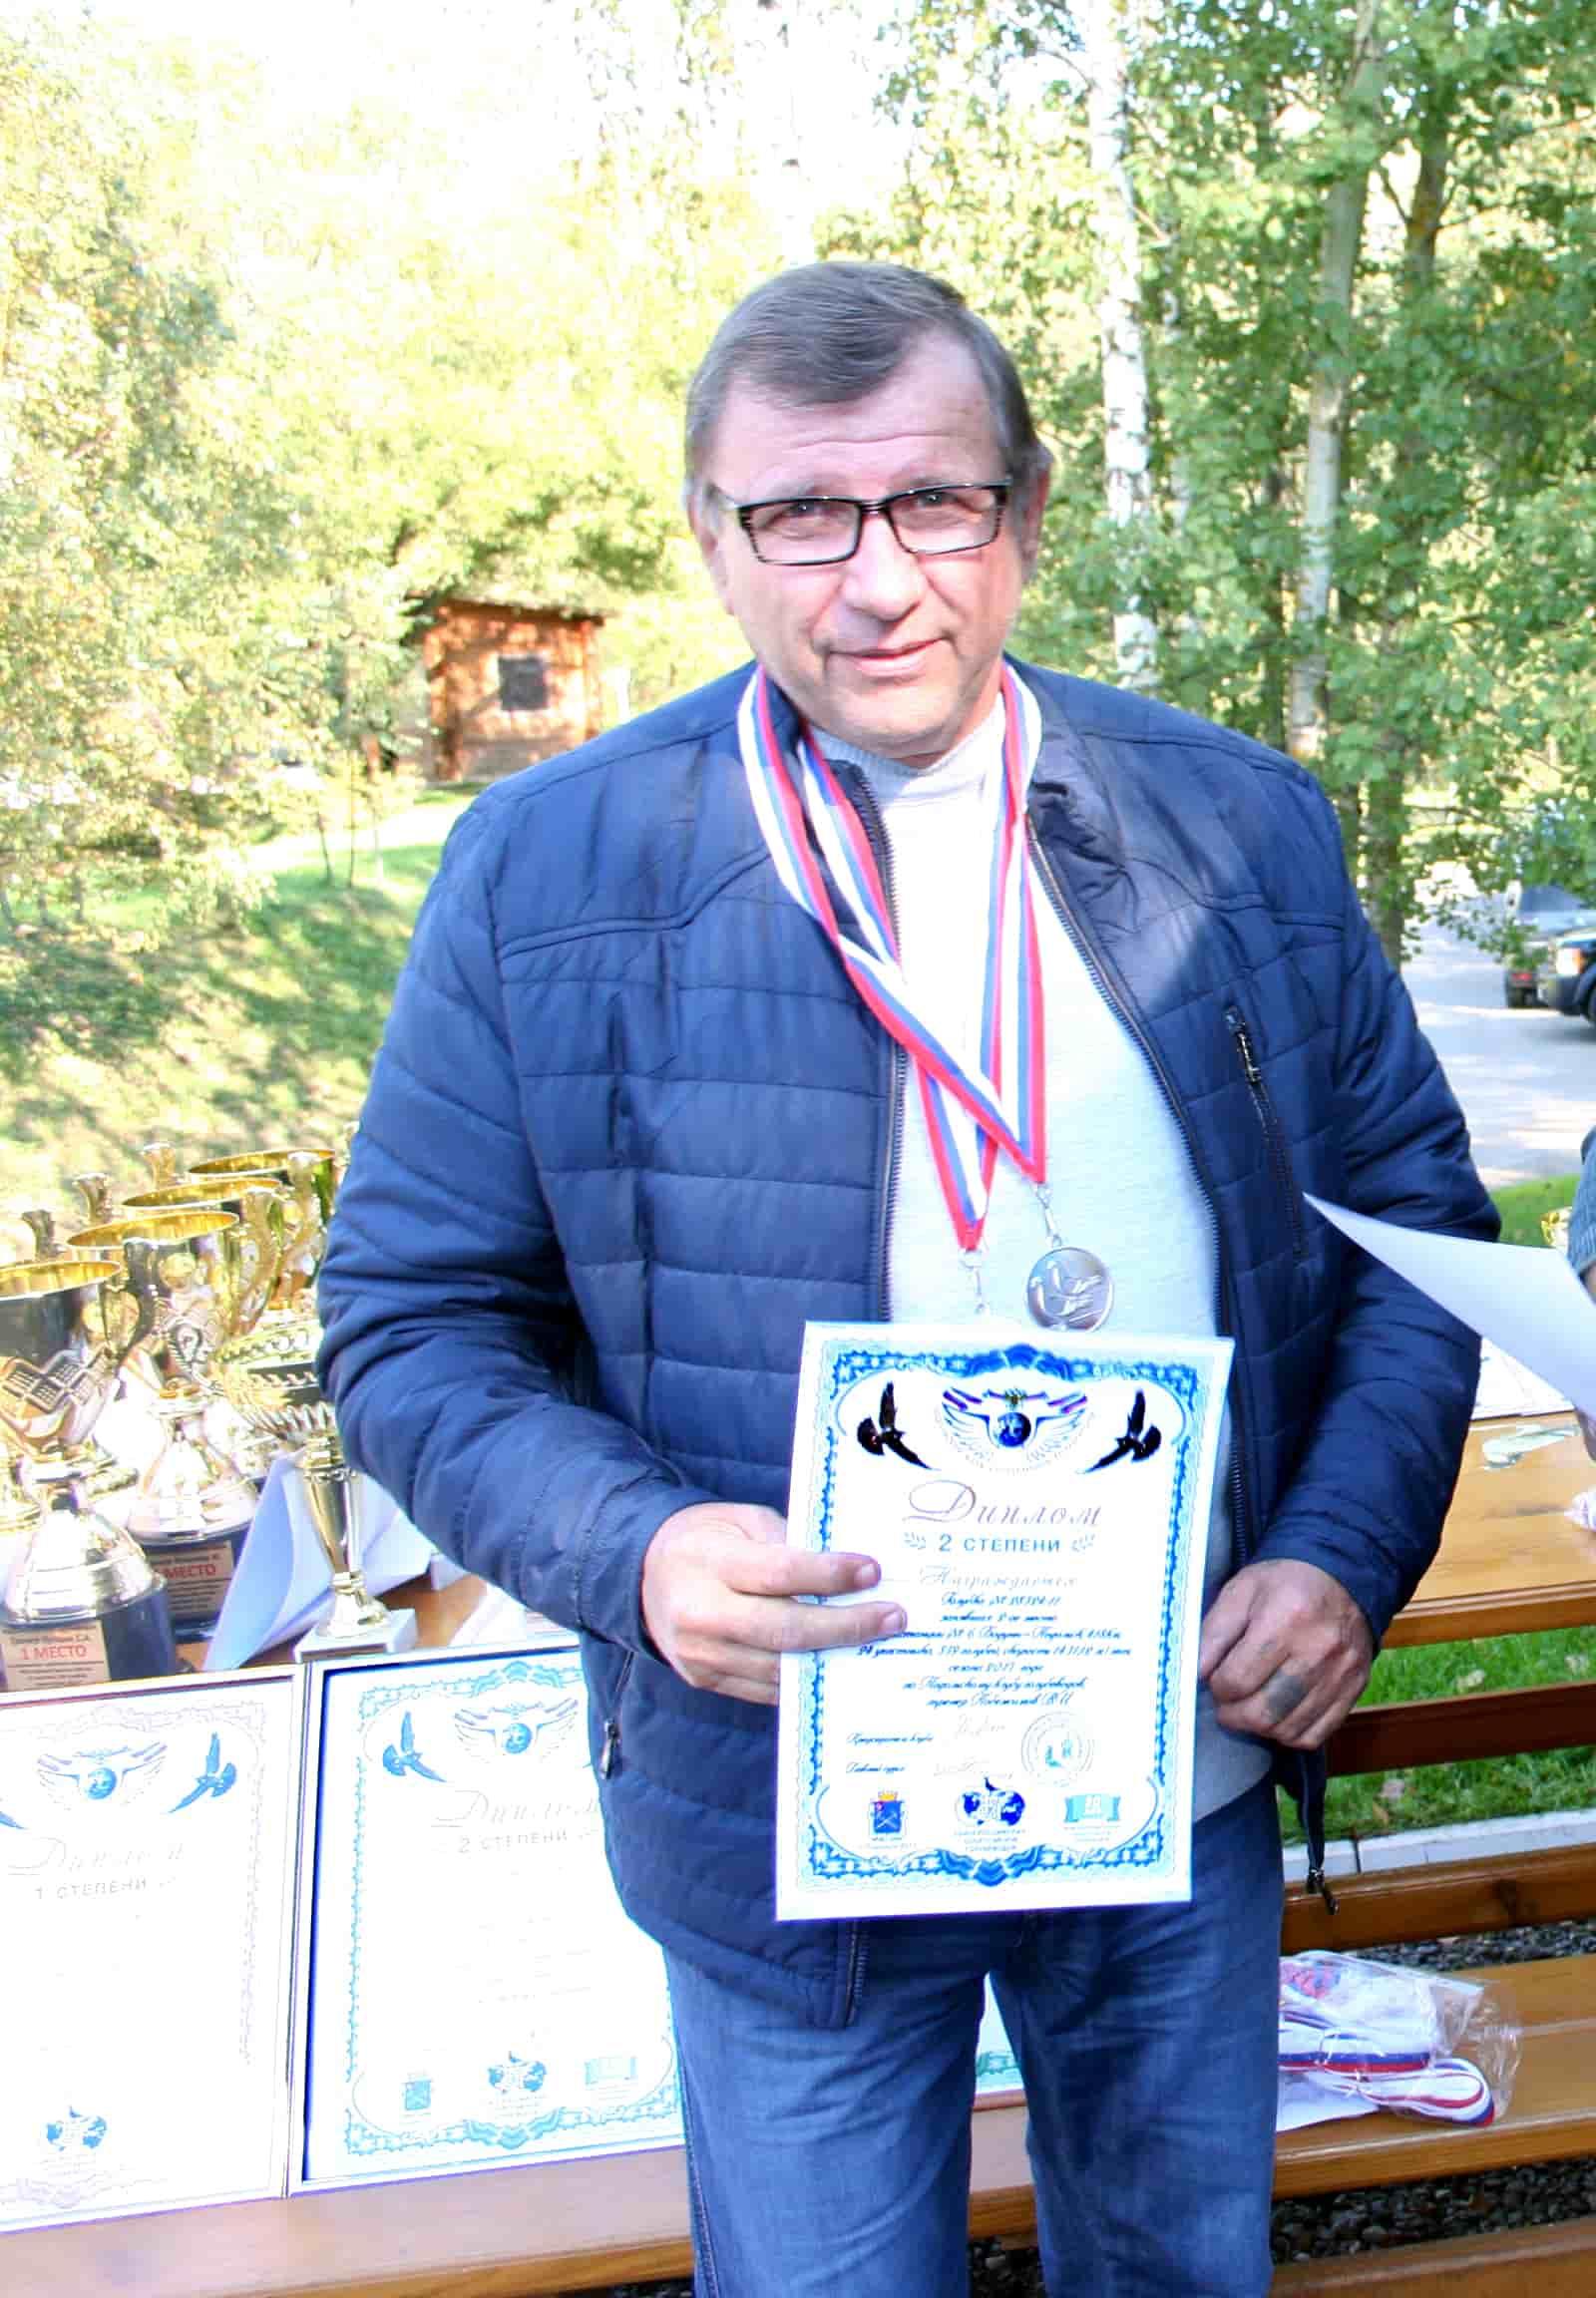 Побежимов_В.И. голубевод Подольского клуба спортивного голубеводства